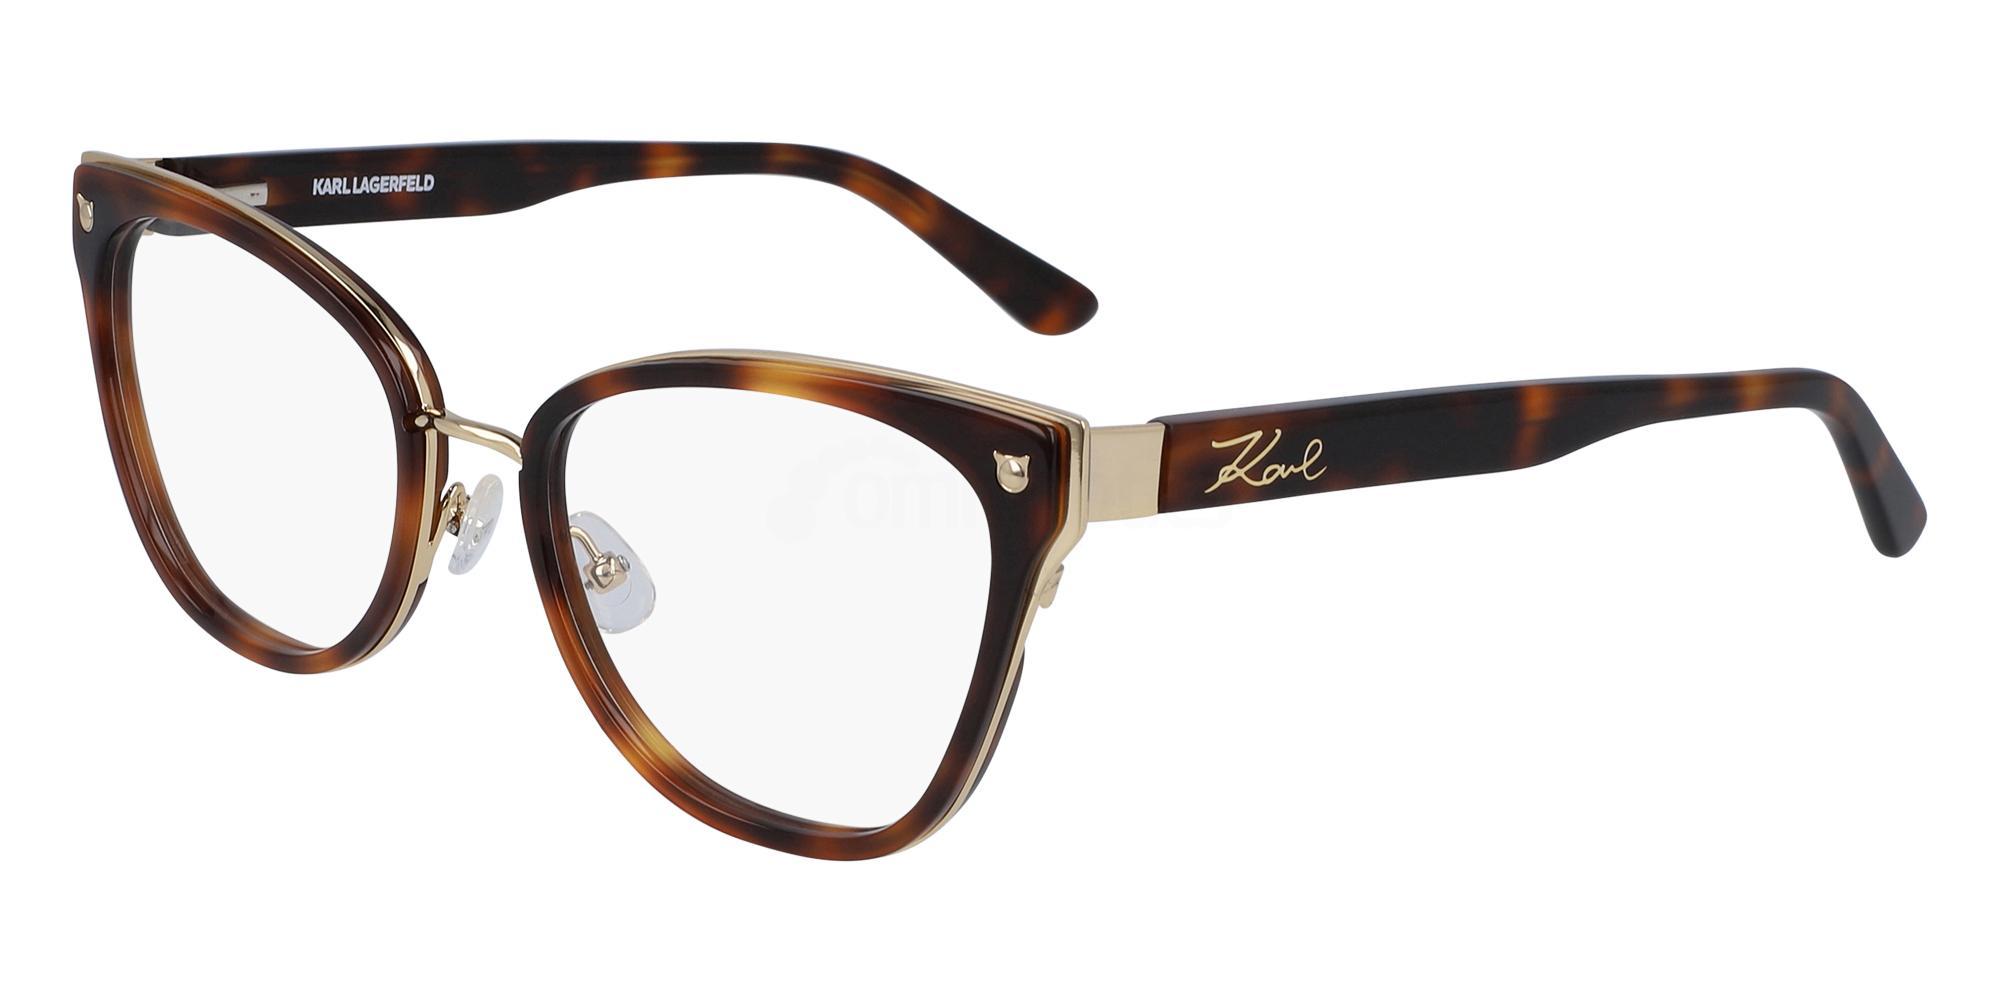 538 KL287 Glasses, Karl Lagerfeld